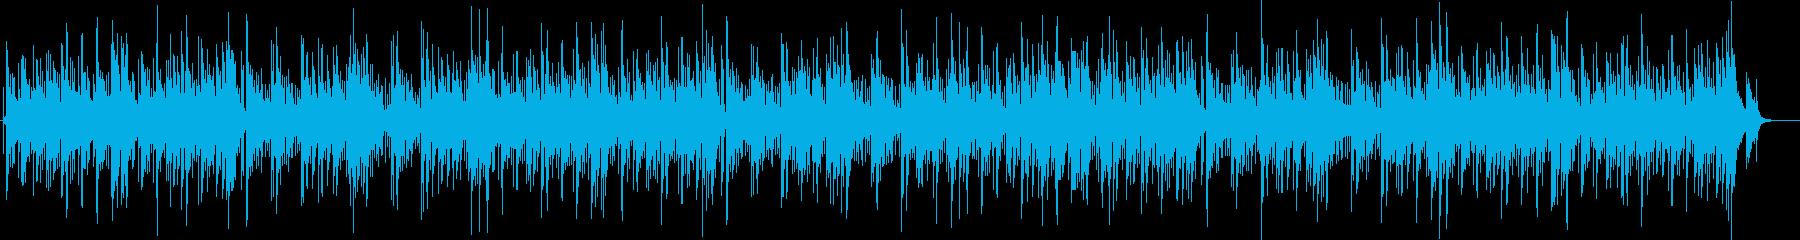 初期ノラジョーンズ風の癒し系ピアノポップの再生済みの波形